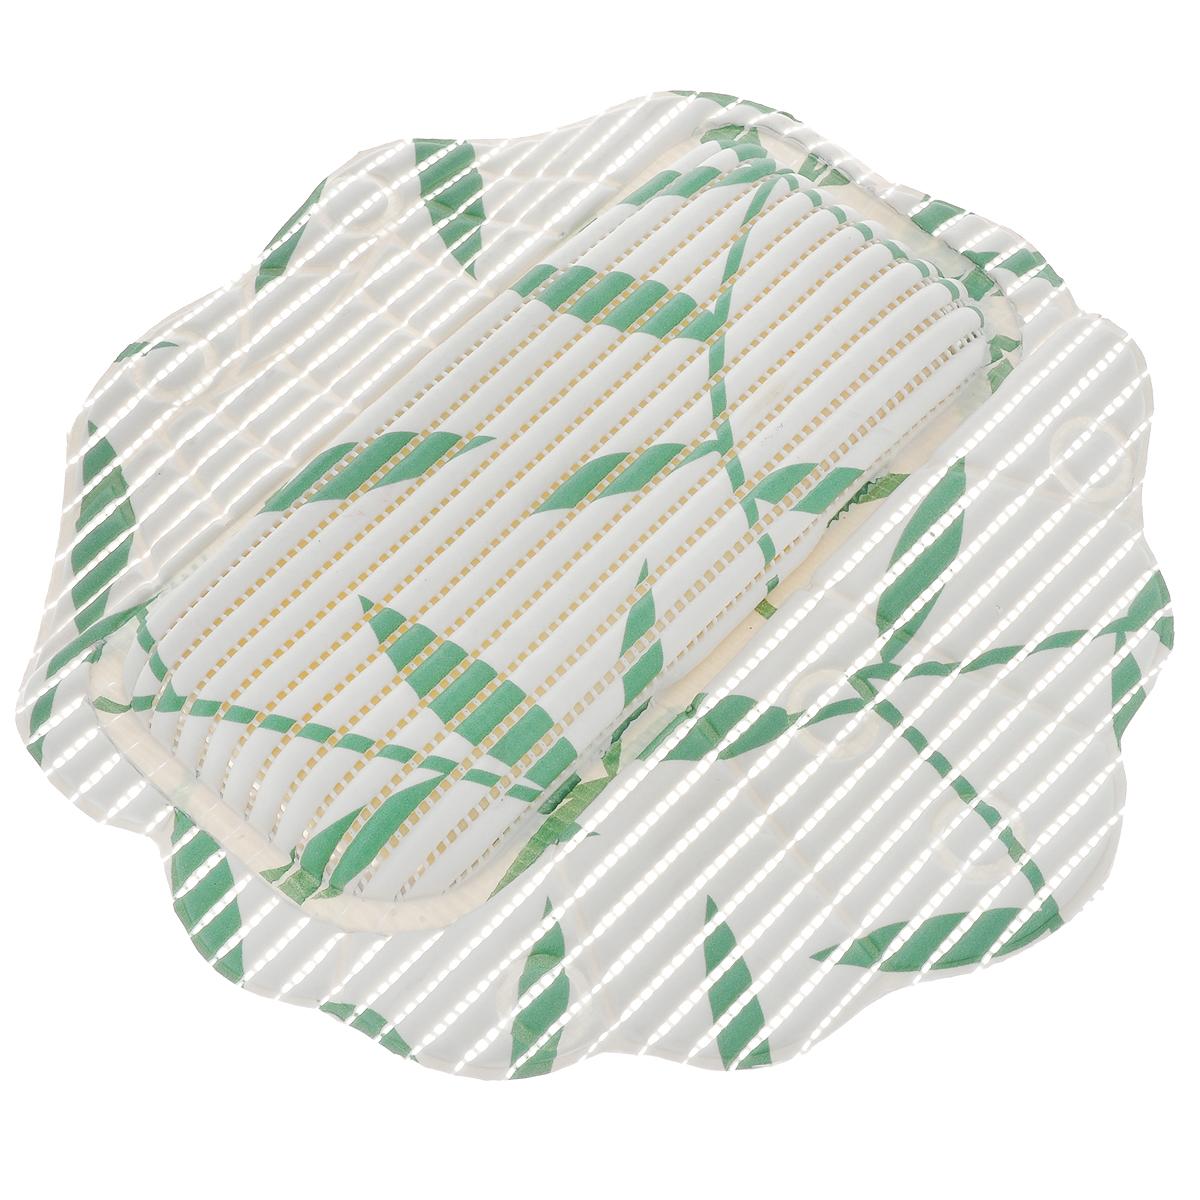 Подушка для ванны Fresh Code Flexy, на присосках, цвет: белый, зеленый, 33 см х 33 см97678Подушка для ванны Fresh Code Flexy обеспечивает комфорт во время принятия ванны. Крепится на поверхность ванной с помощью присосок. Выполнена из ПВХ.